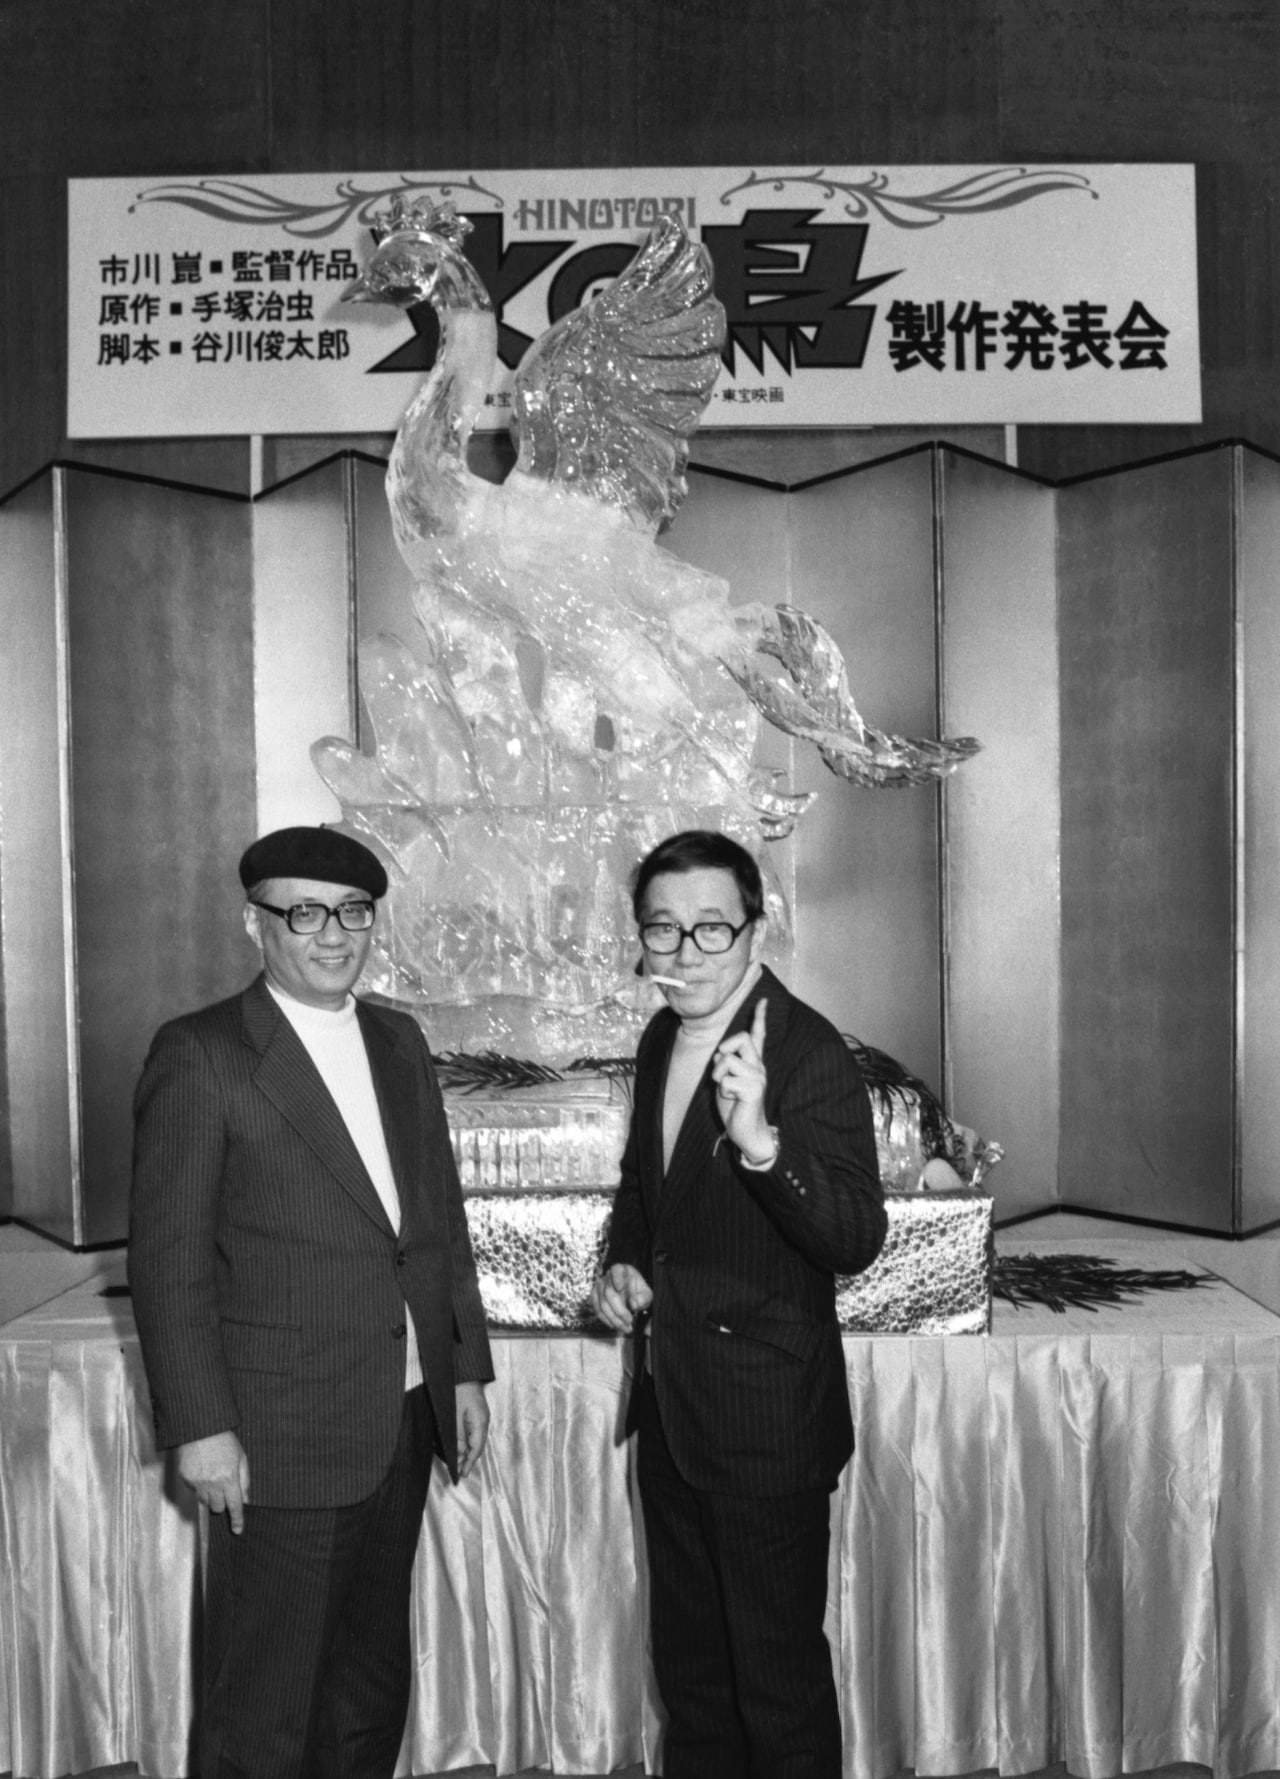 【朗報】幻の手塚治虫×市川崑の実写映画「火の鳥」が43年ぶりに甦る初のBlu-ray化❗ 7アイテム収録のBOXに